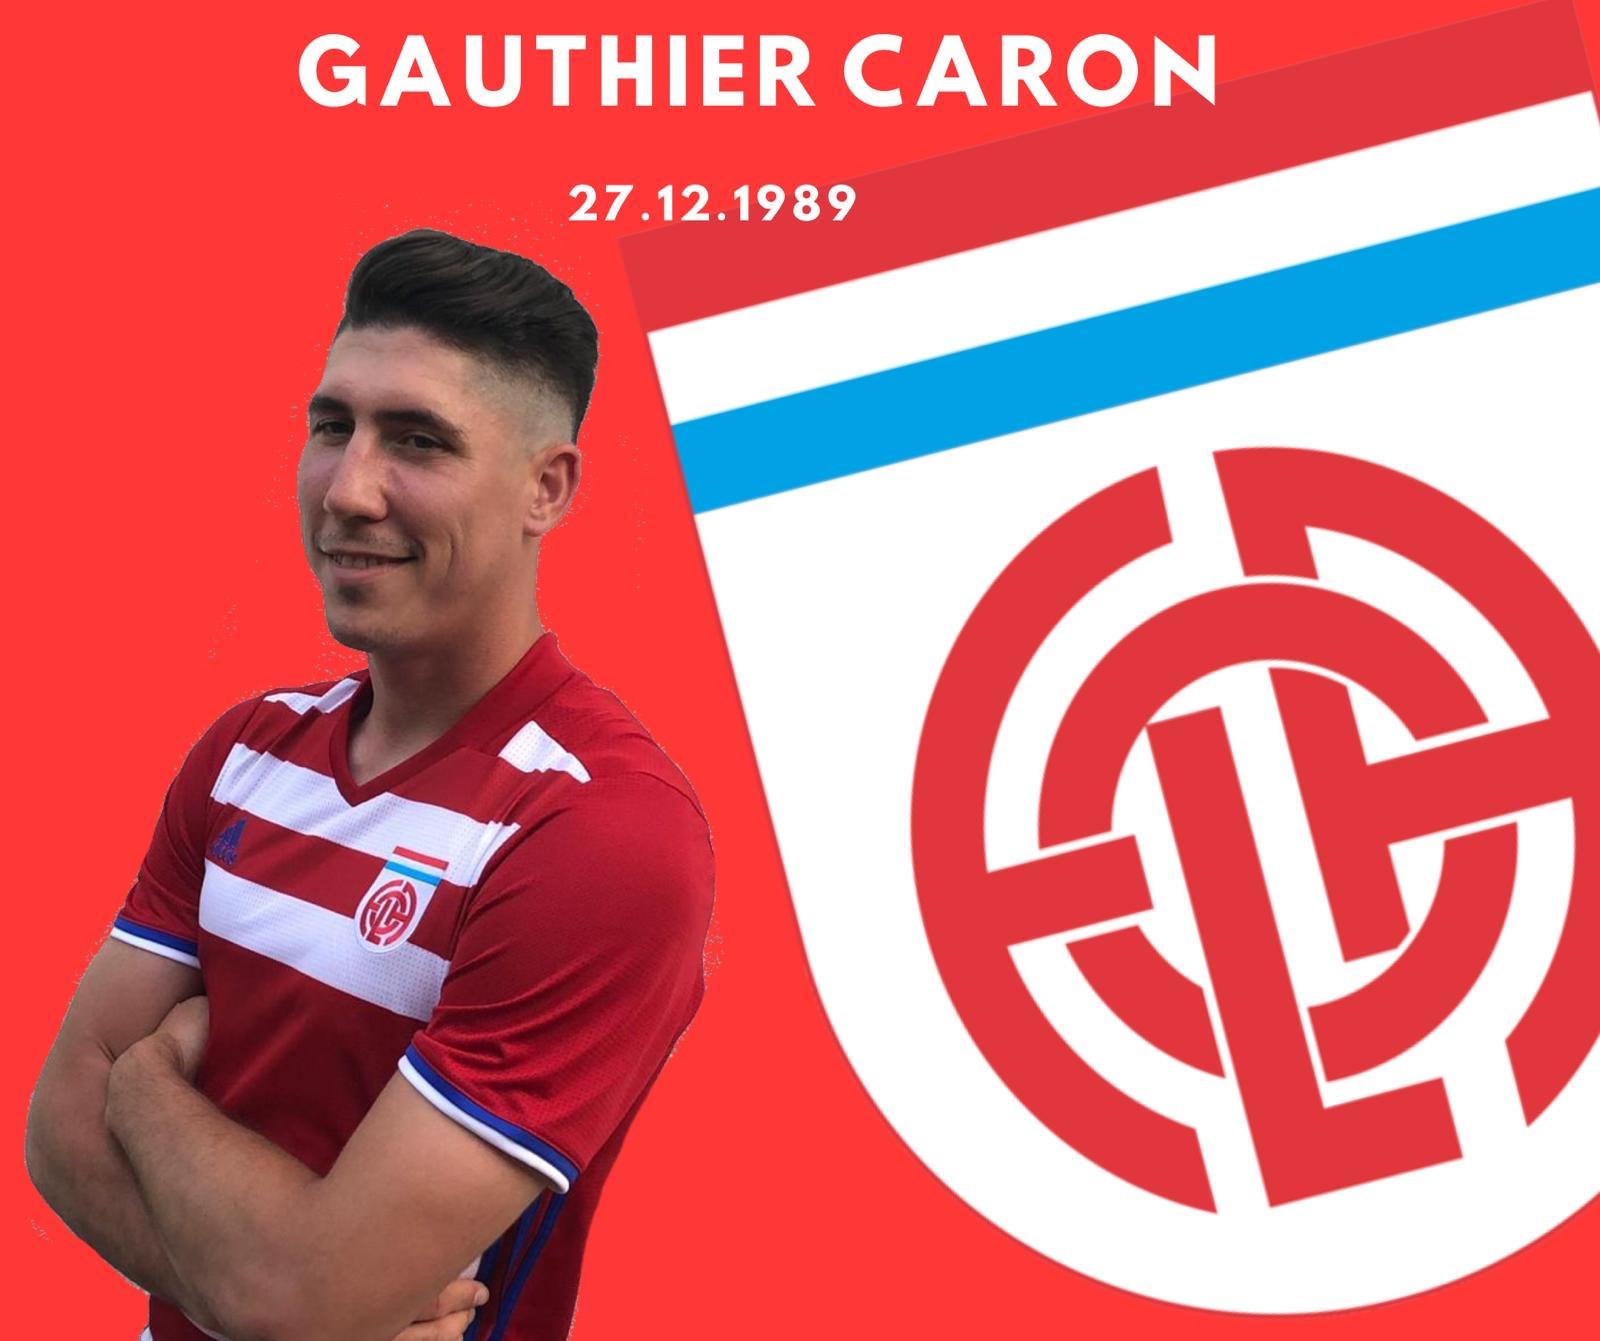 Gauthier Caron prolonge son contrat au FOLA pour 2 saisons de plus